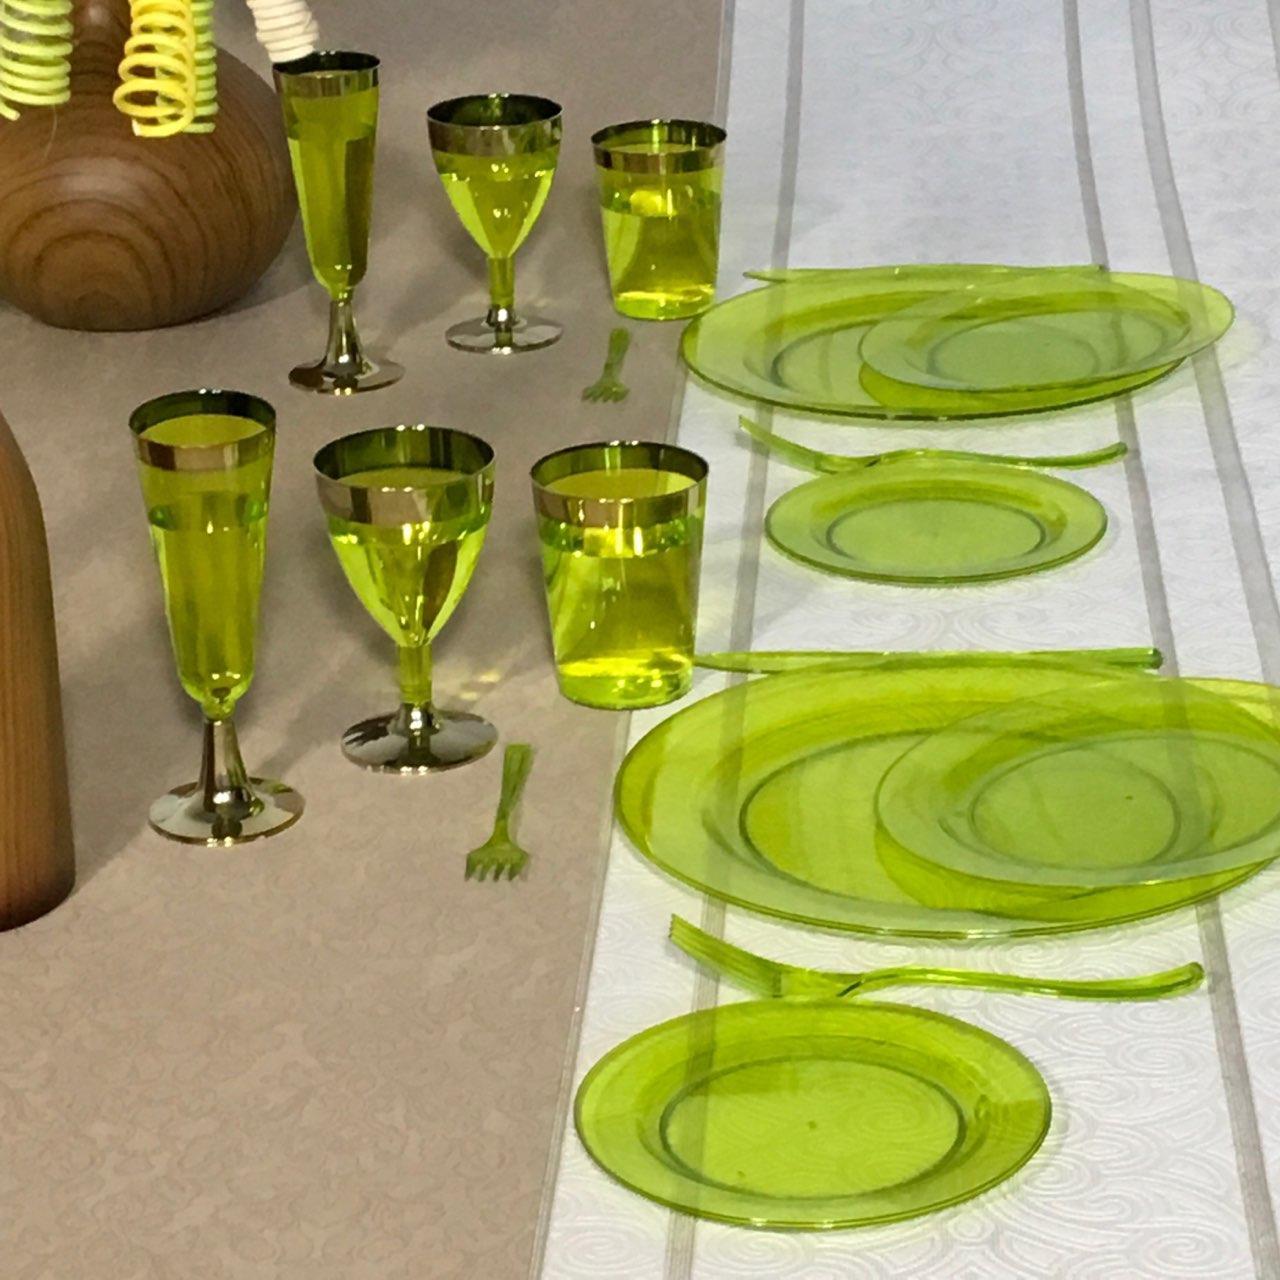 Тарелки пластиковые многоразовые плотные опт для ресторанов кафе баров, кейтеринга и хореки CFP 6 шт  190 мм